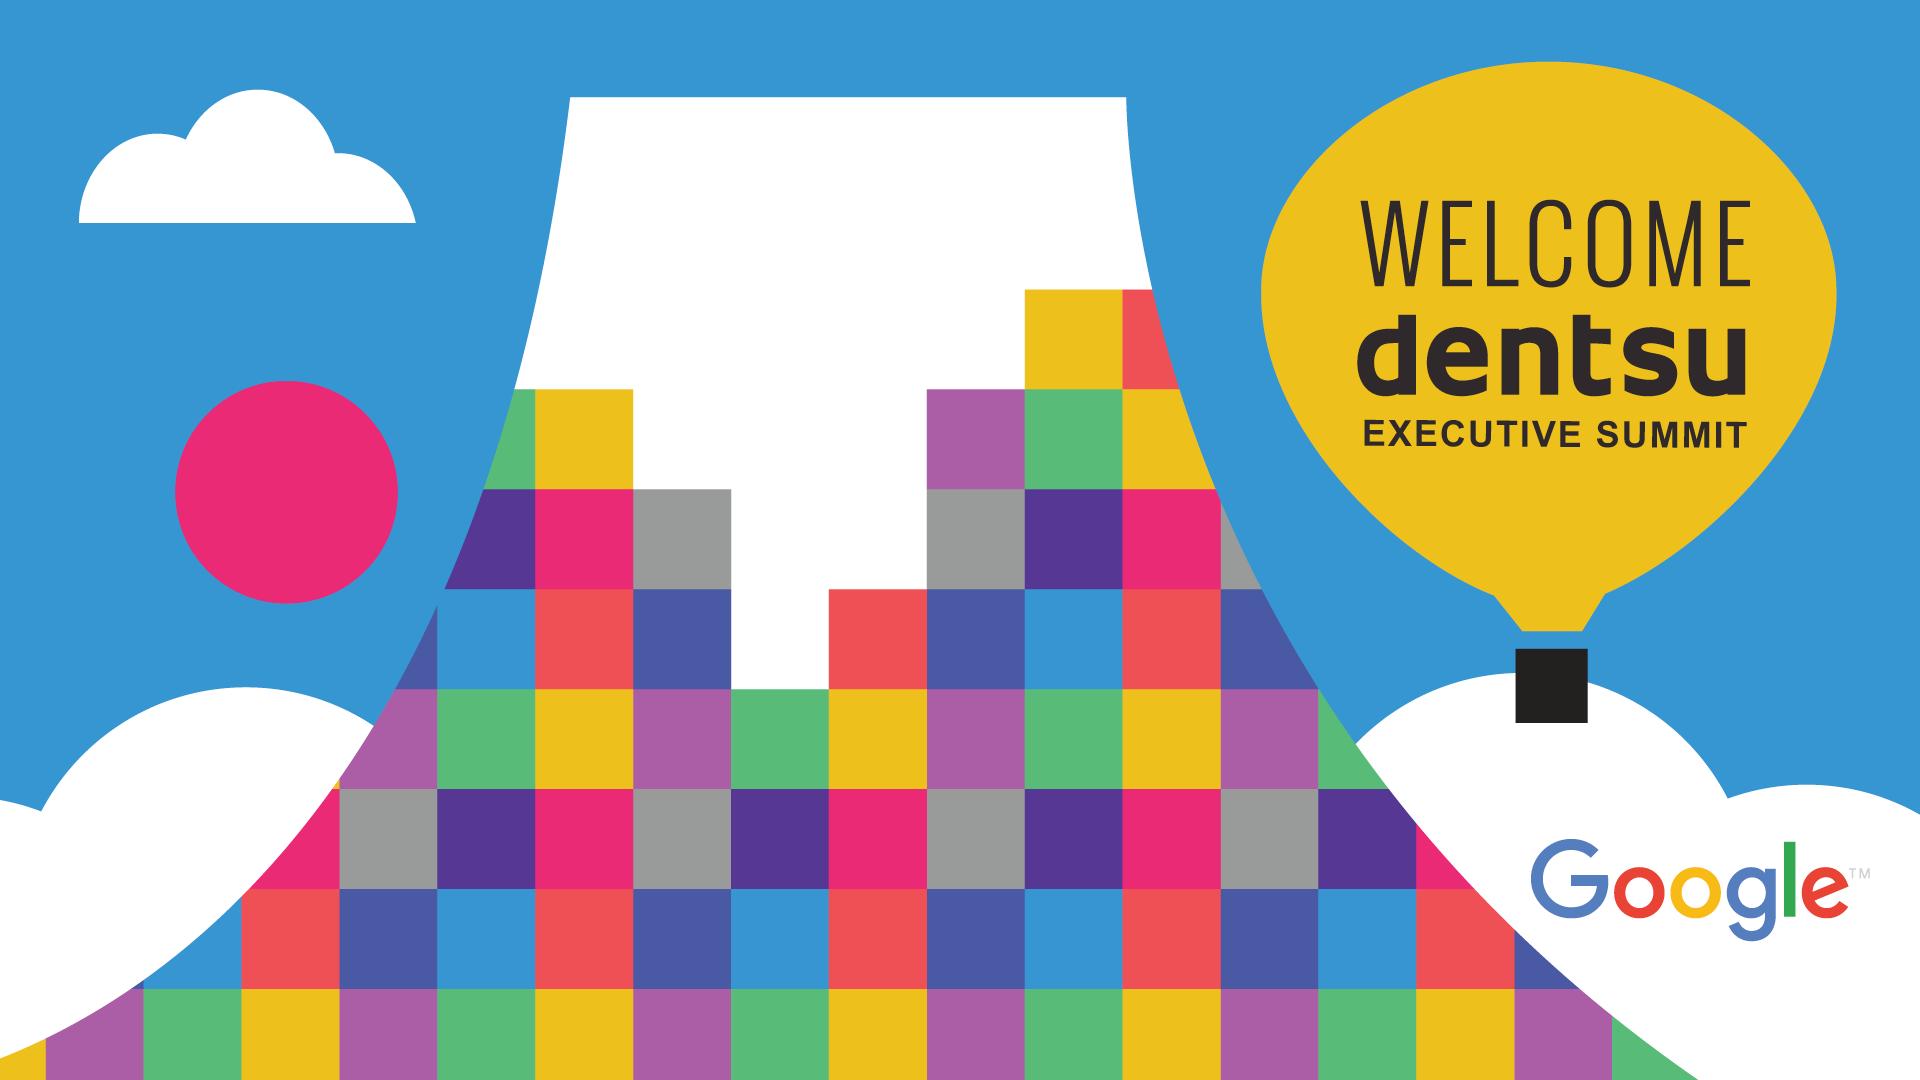 dentsu executive summit event design google graphic design illustration event desingn